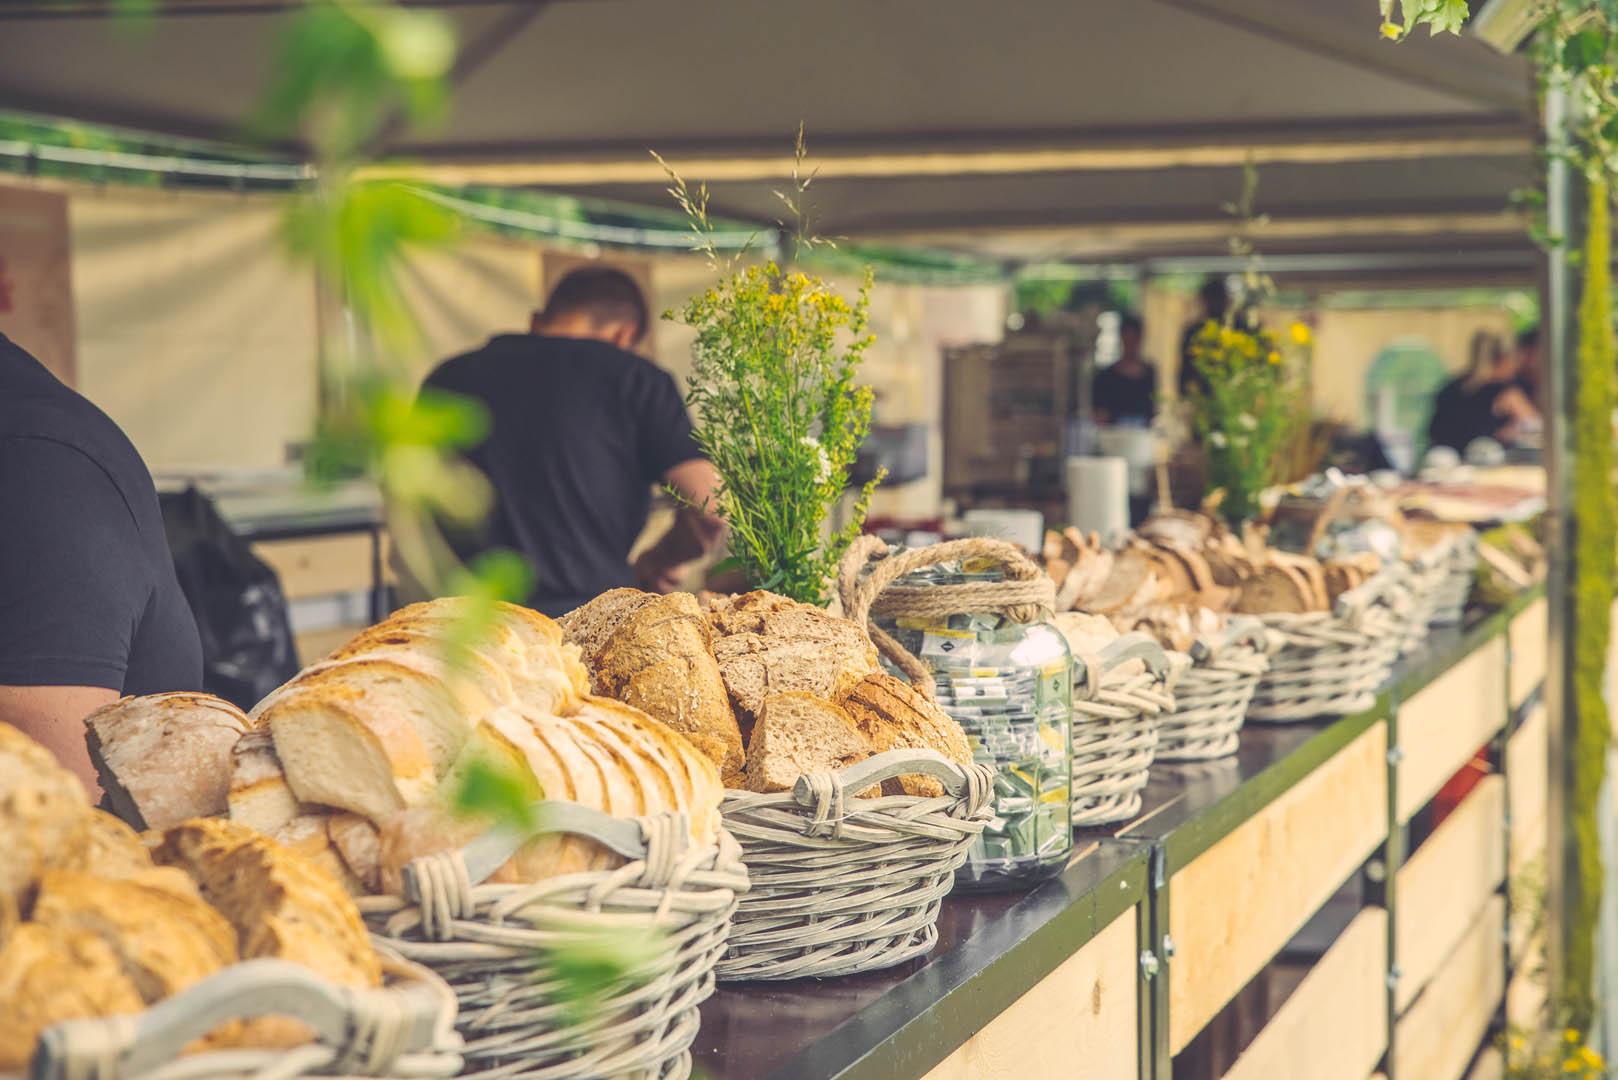 Stad Gent Picknick Event Food